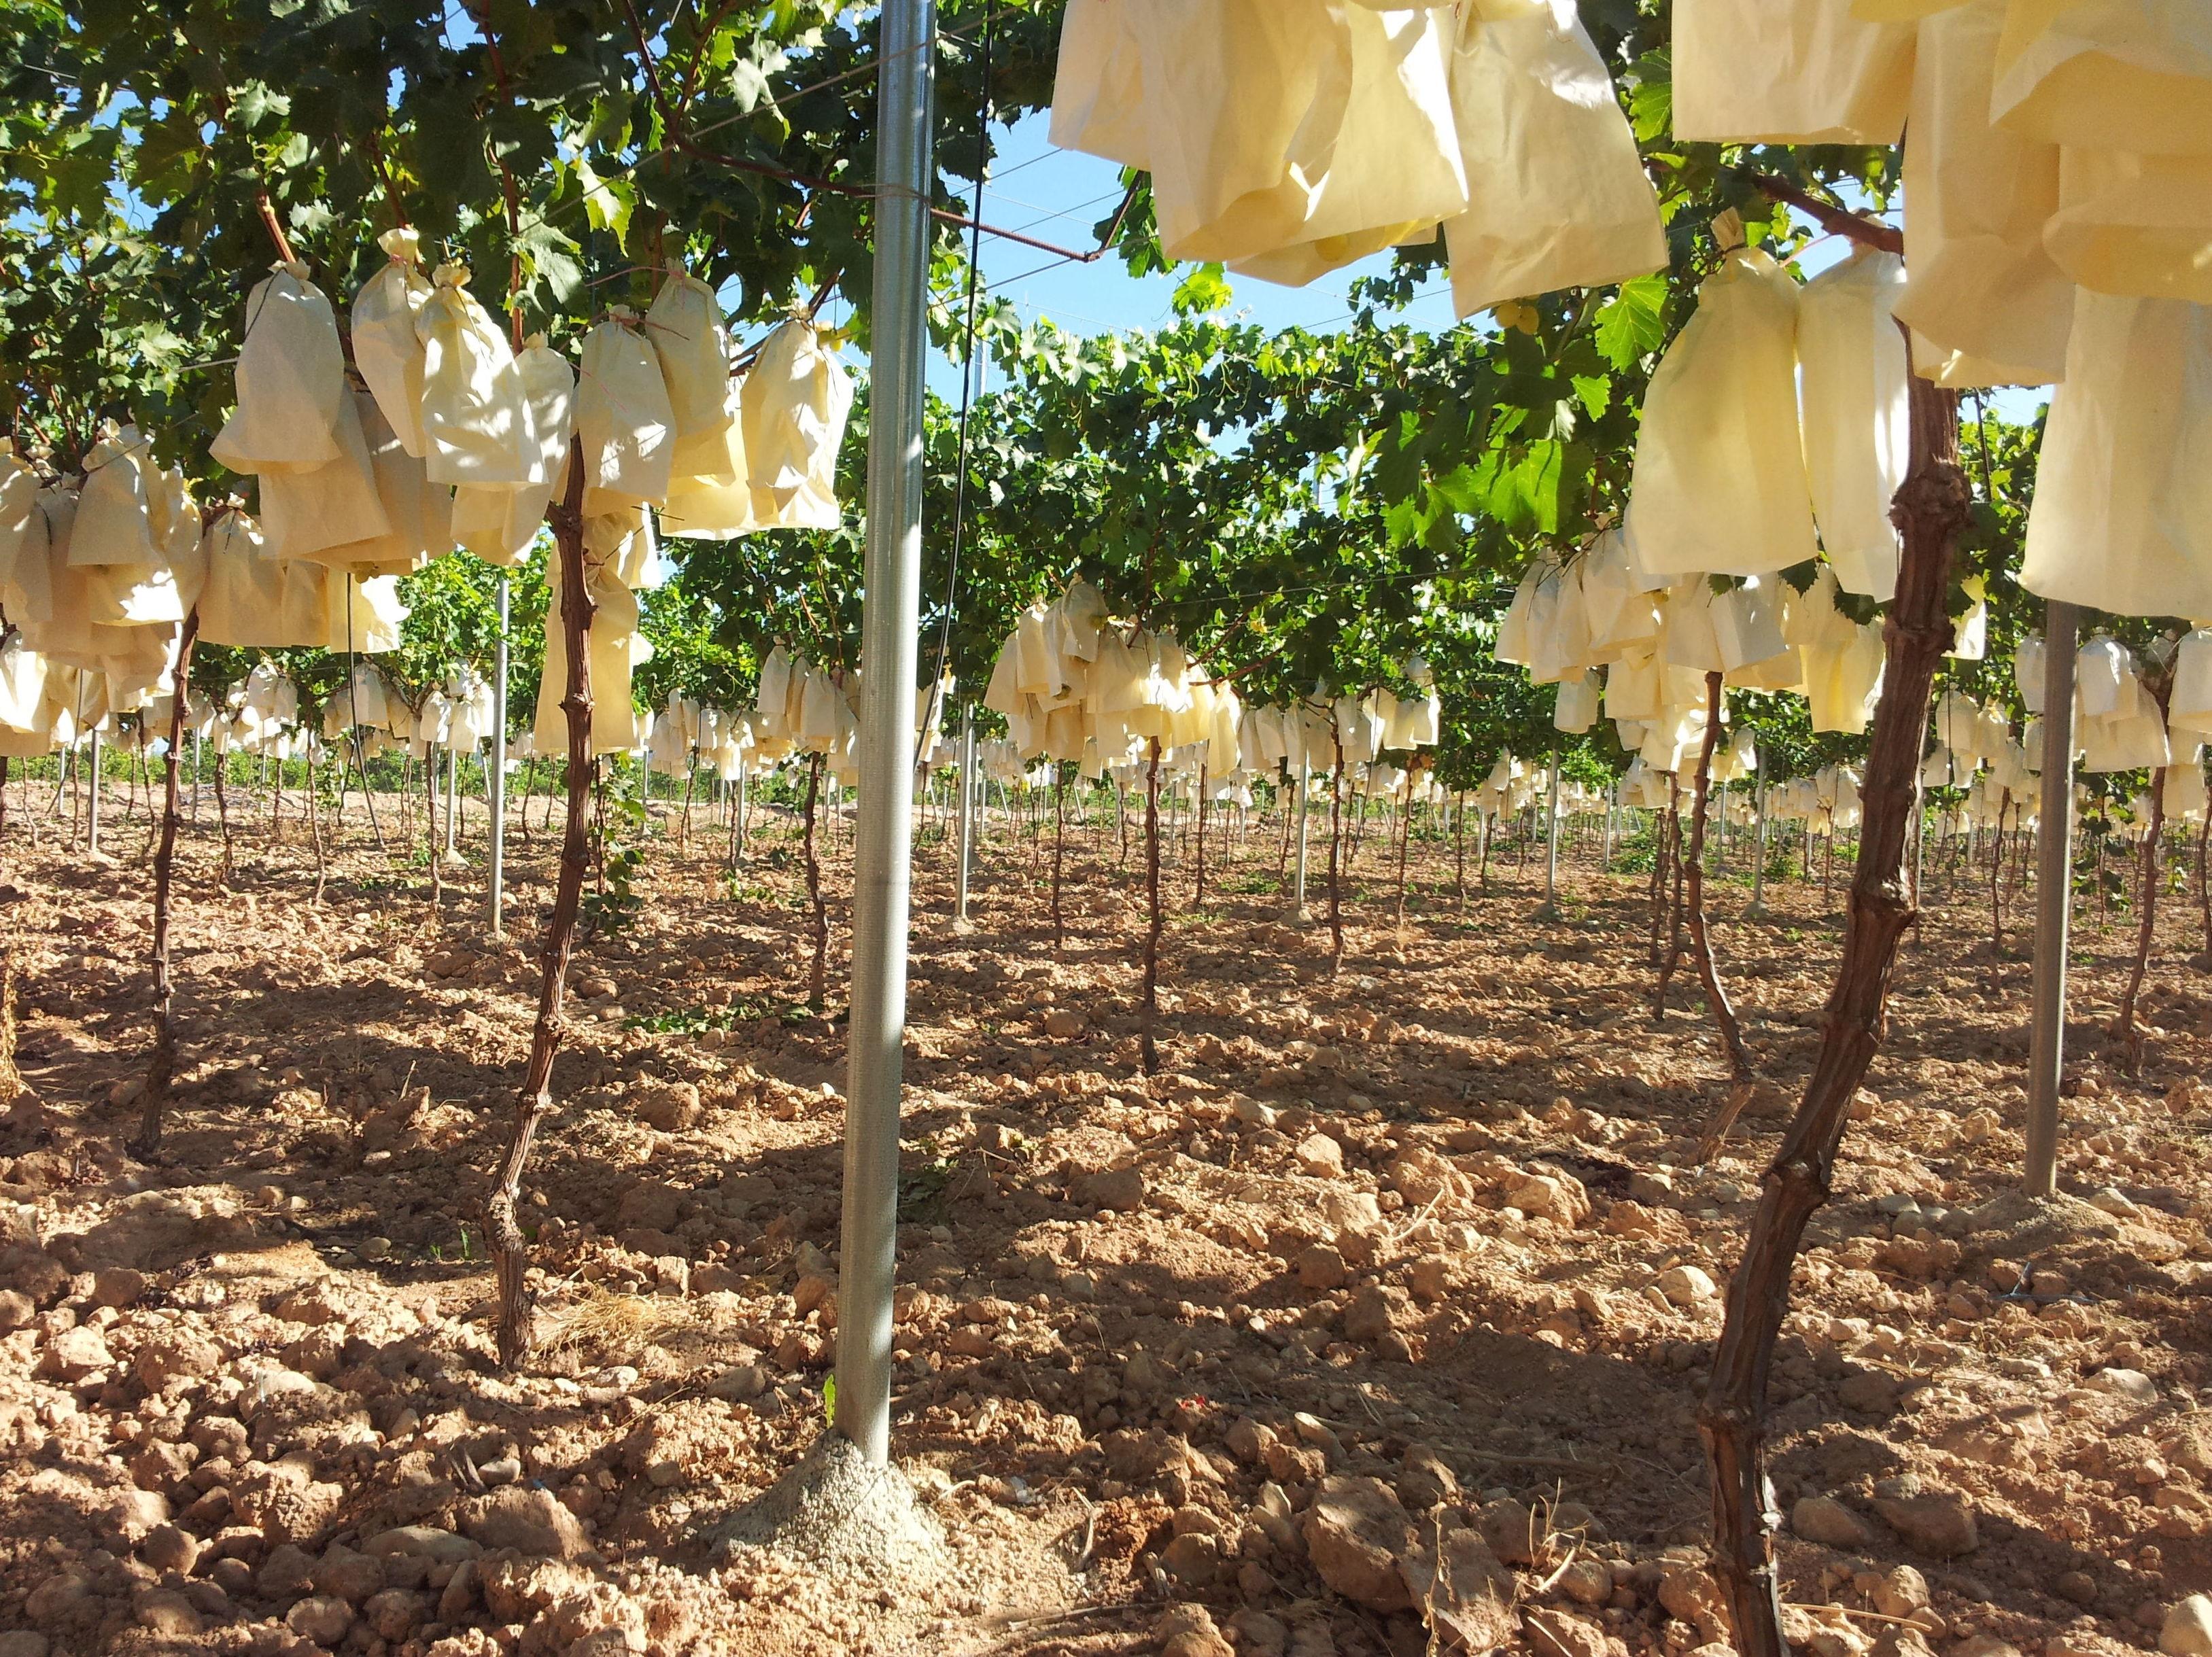 Foto 109 de Infraestructuras y trabajos agrícolas en La Murada – Orihuela | Mantenimiento y Estructuras Agrícolas Mateo e Hijo, S.L.